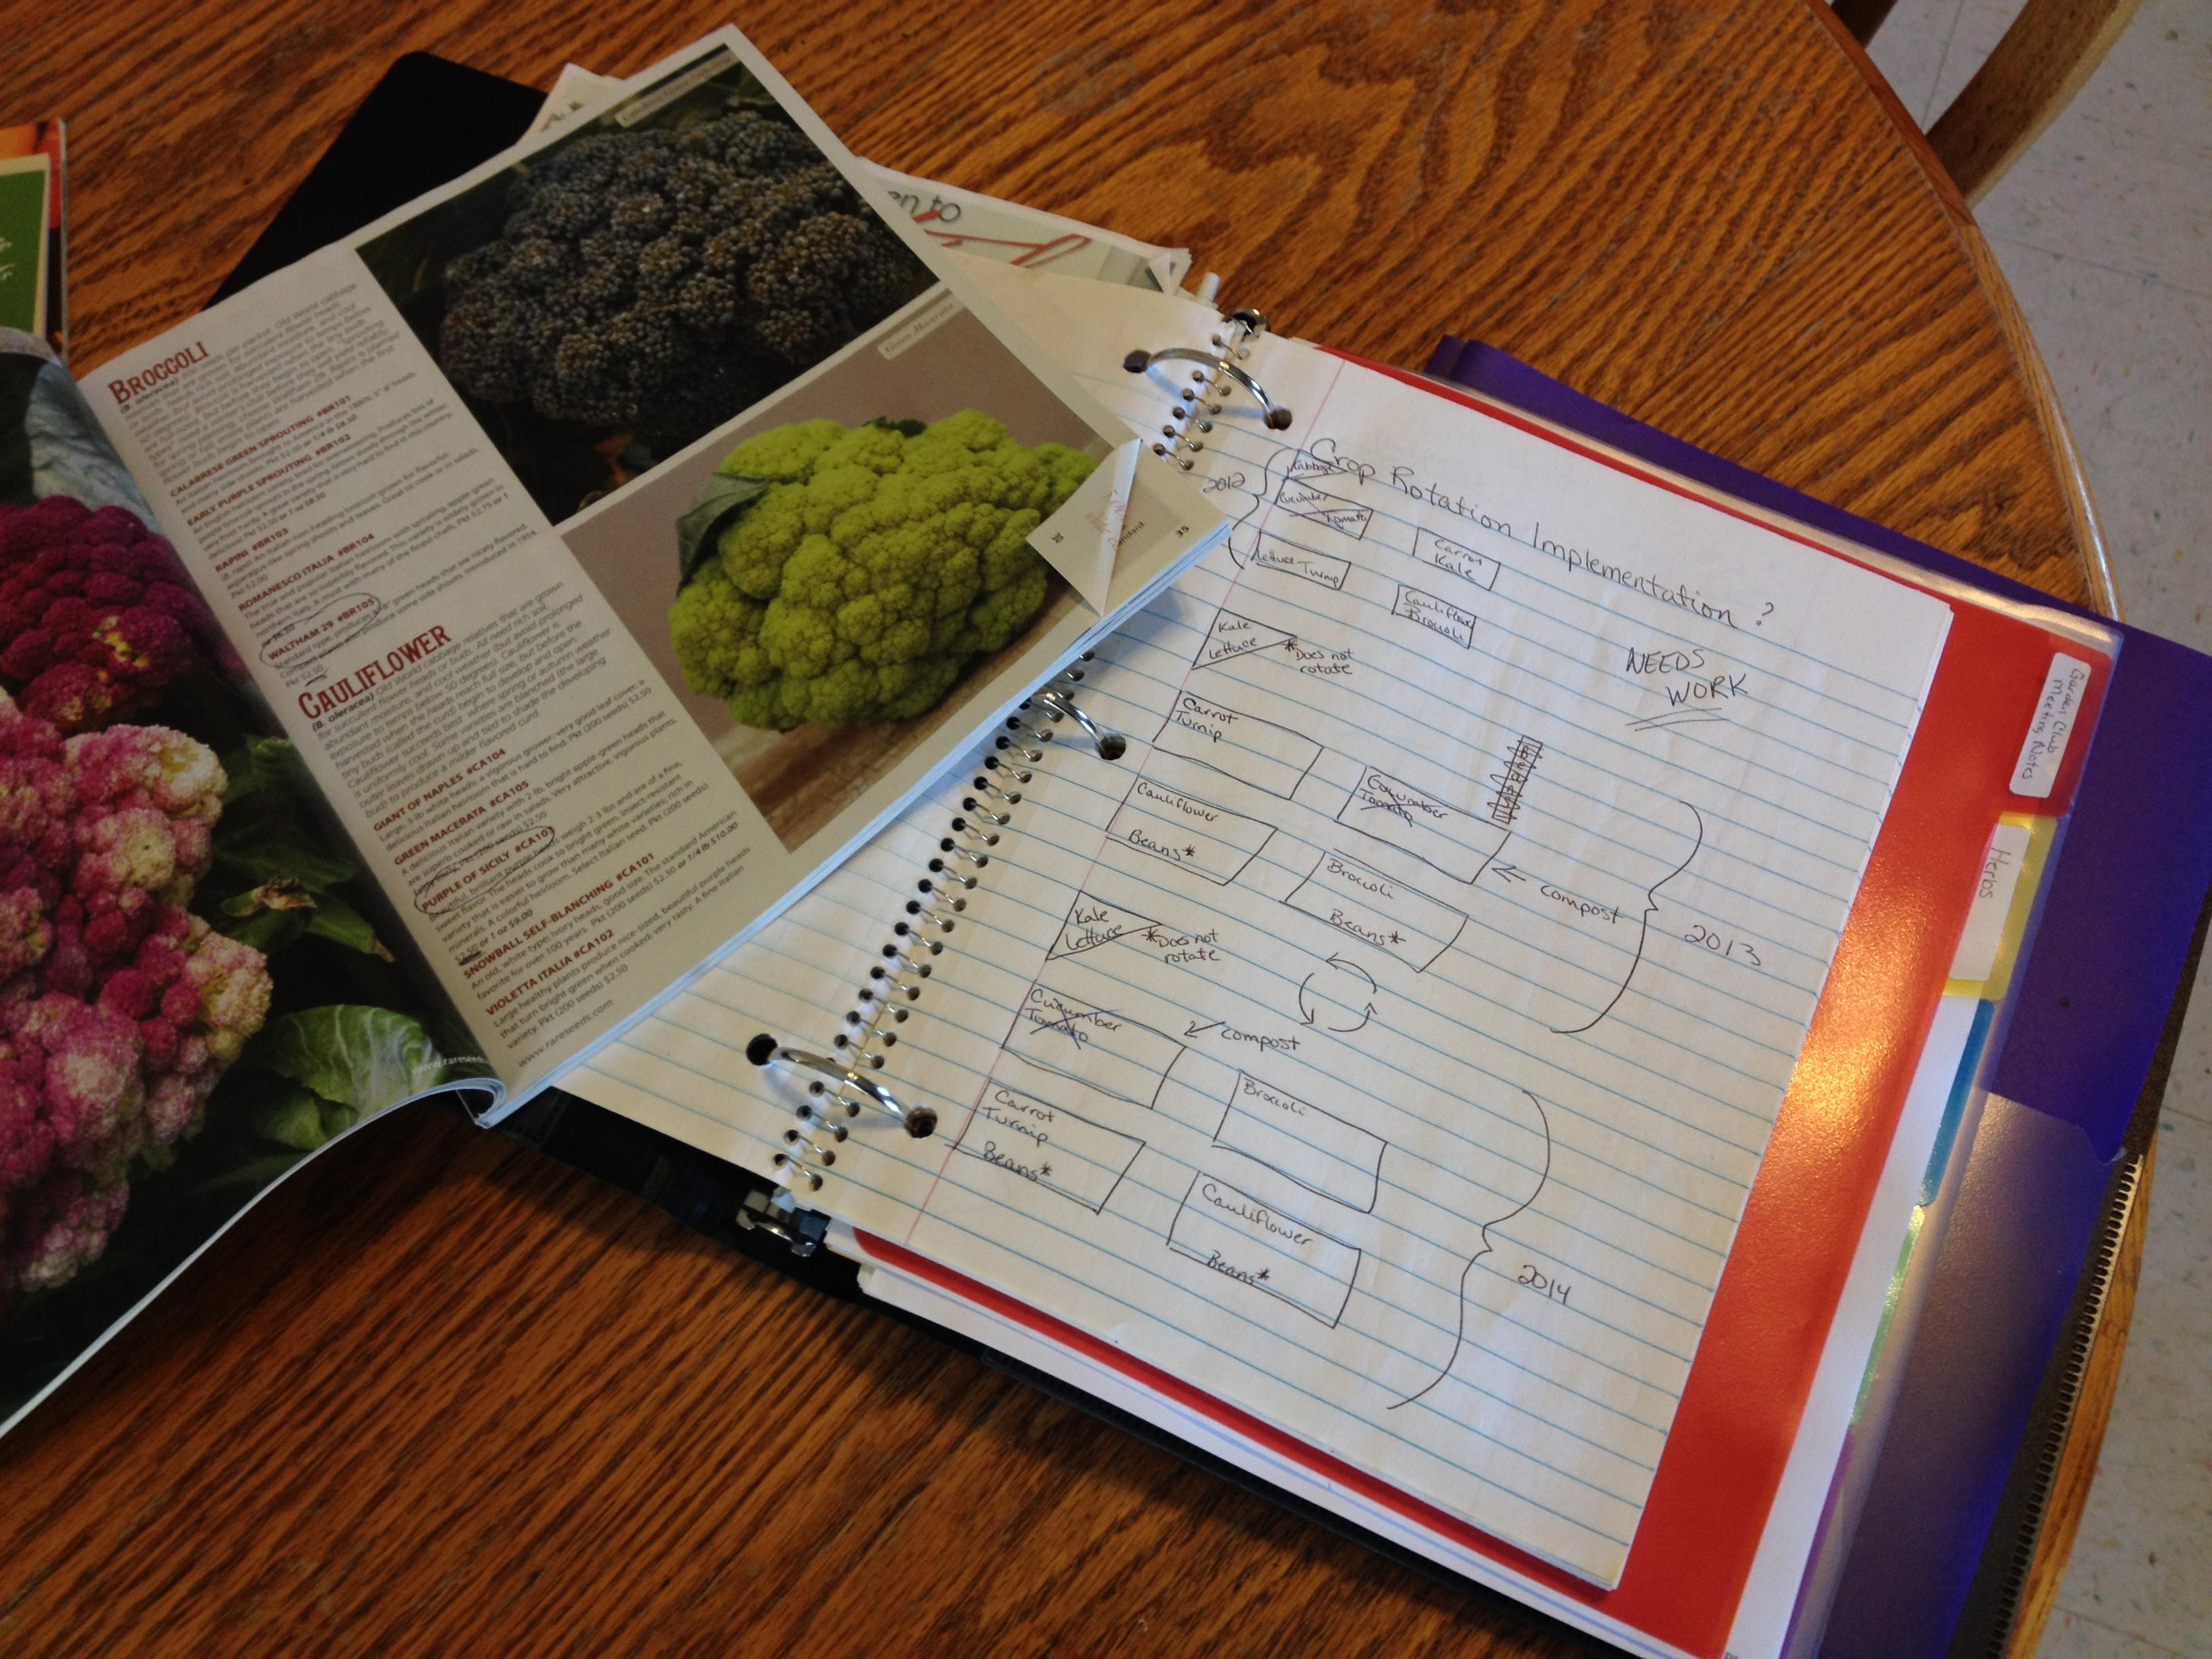 Woodside's plan for the 2014 garden is already taking shape.